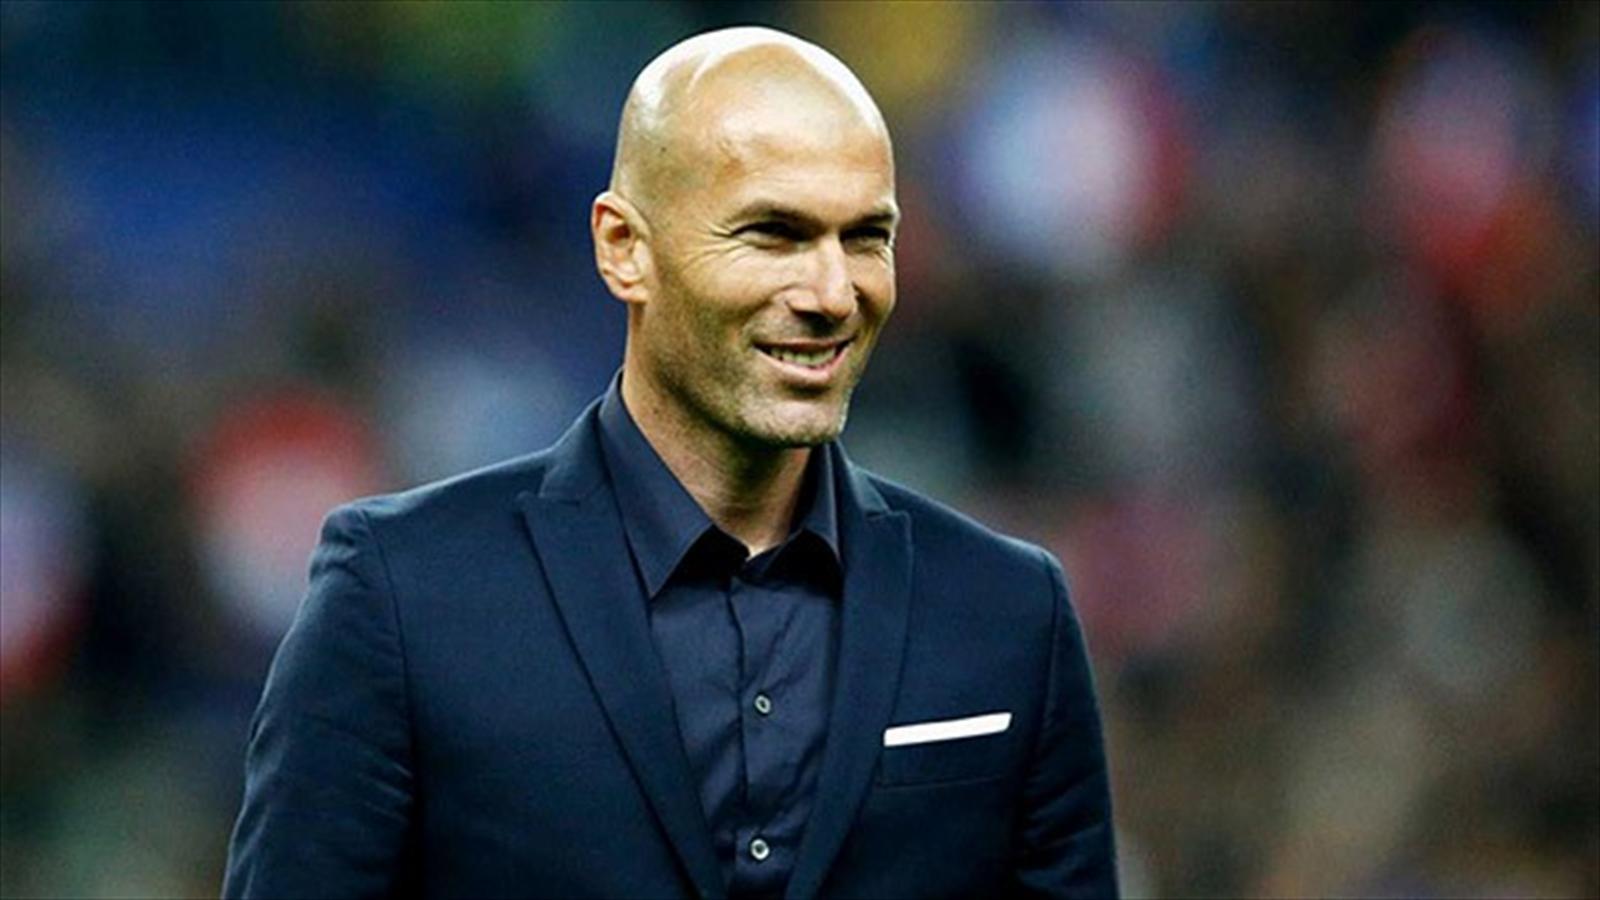 СМИ поведали, как долго Зинедин Зидан будет тренером мадридского «Реала»